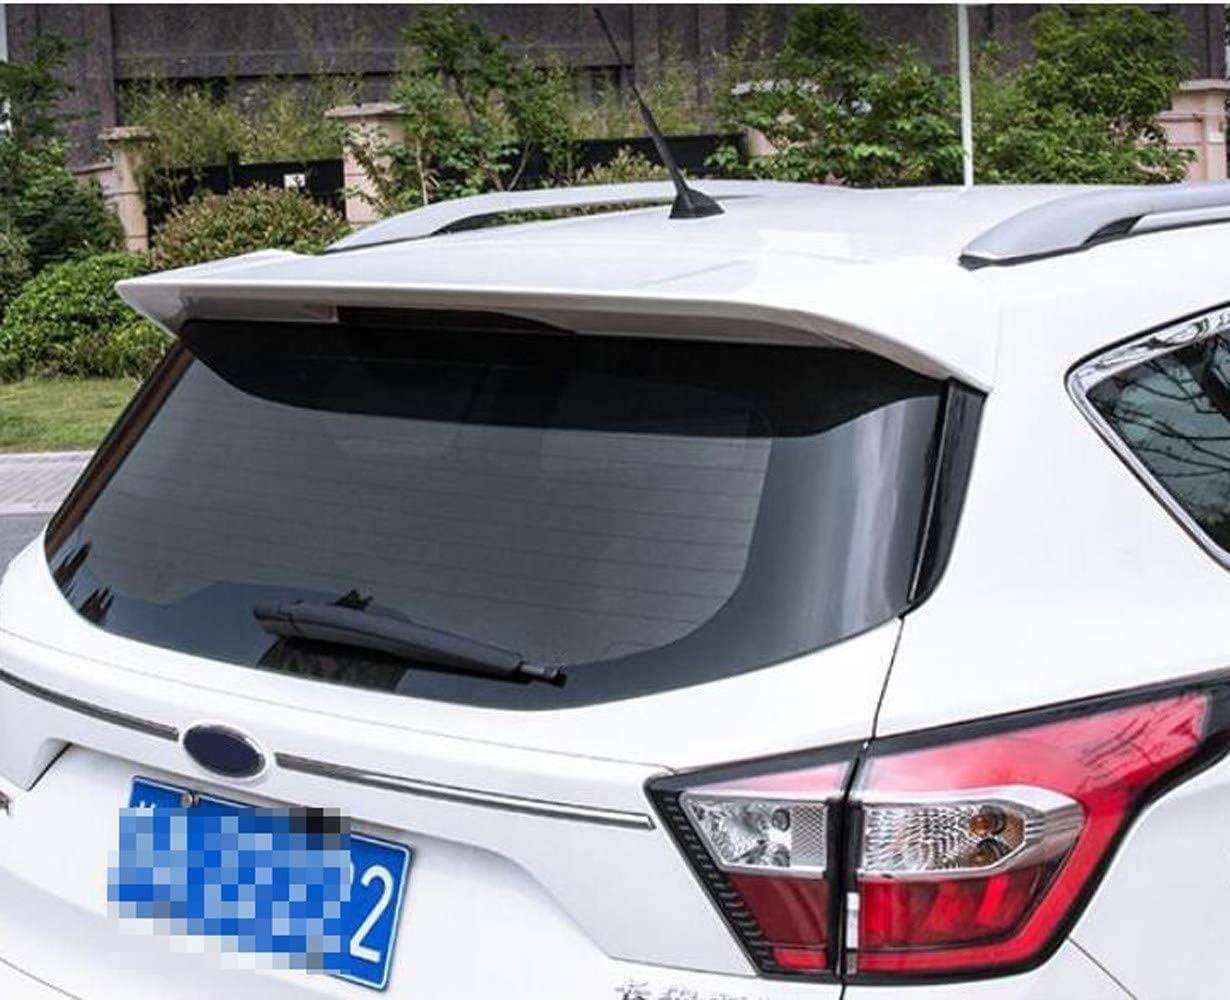 Negro Spoiler De Labio con Tapa del Maletero Trasero para Ford Escape Kuga 2018 2019 Abs Spoiler Trasero ala Blanco Negro KQBAM Spoiler Trasero